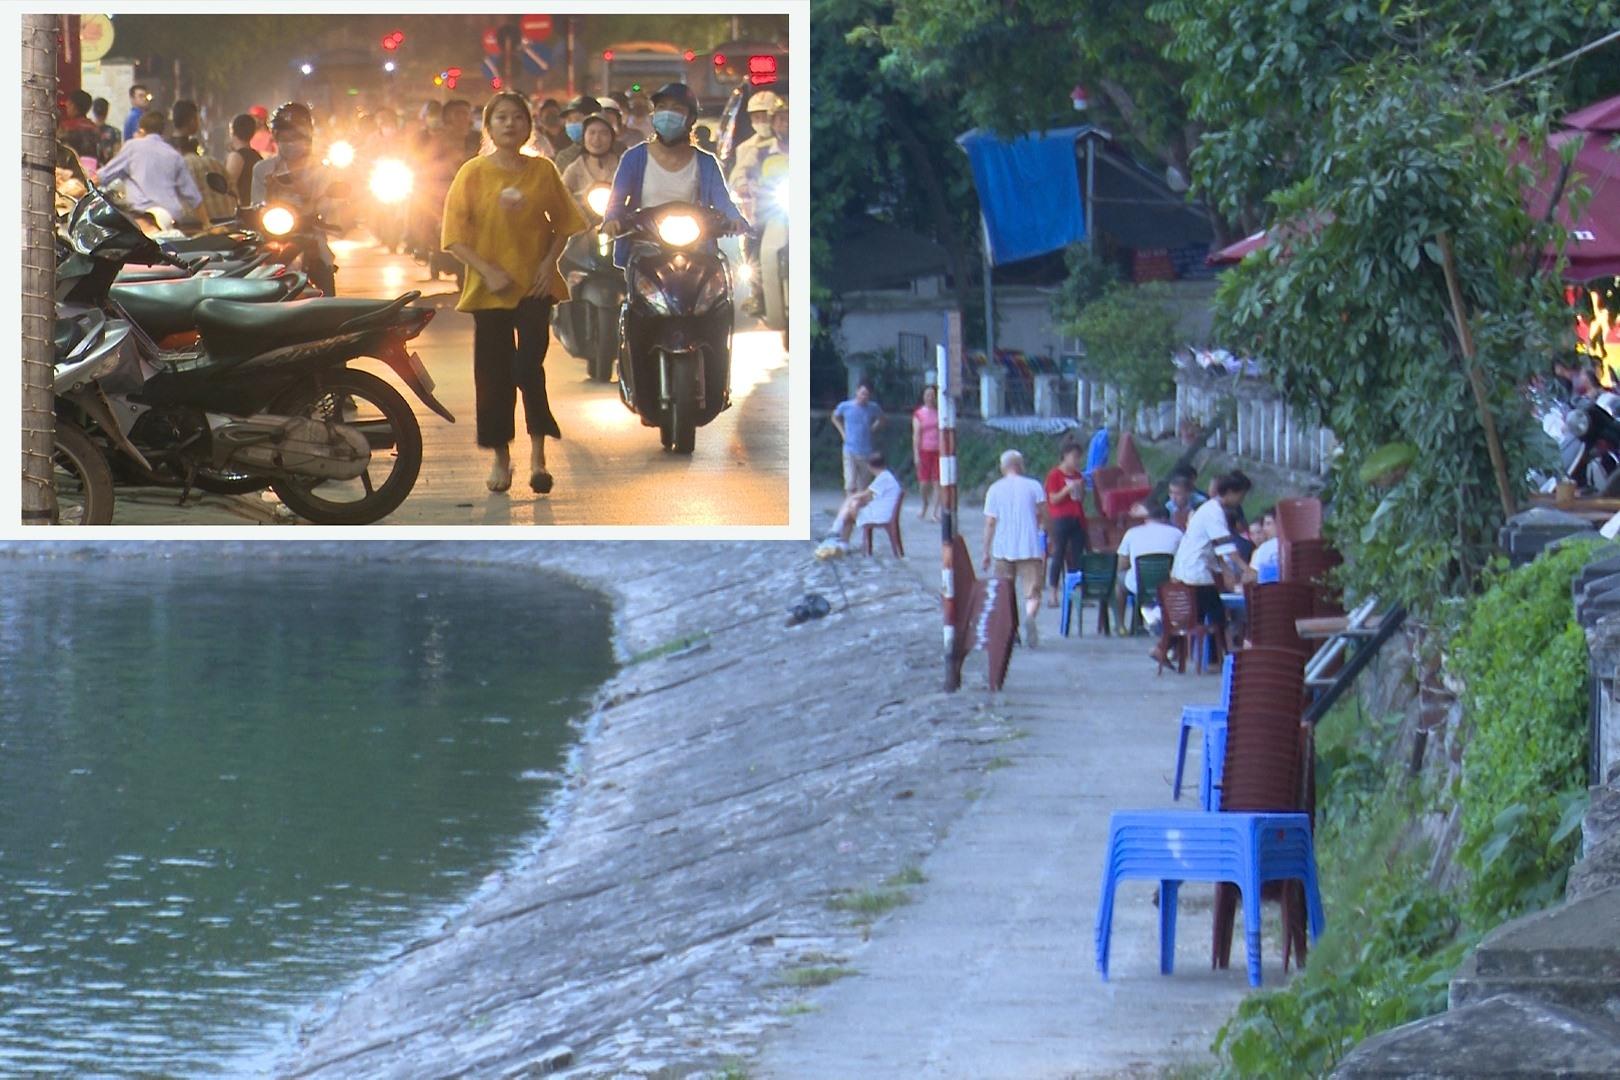 Hà Nội: Quán nhậu tái chiếm vỉa hè, vệ hồ tràn lan bàn ghế cho khách nhậu